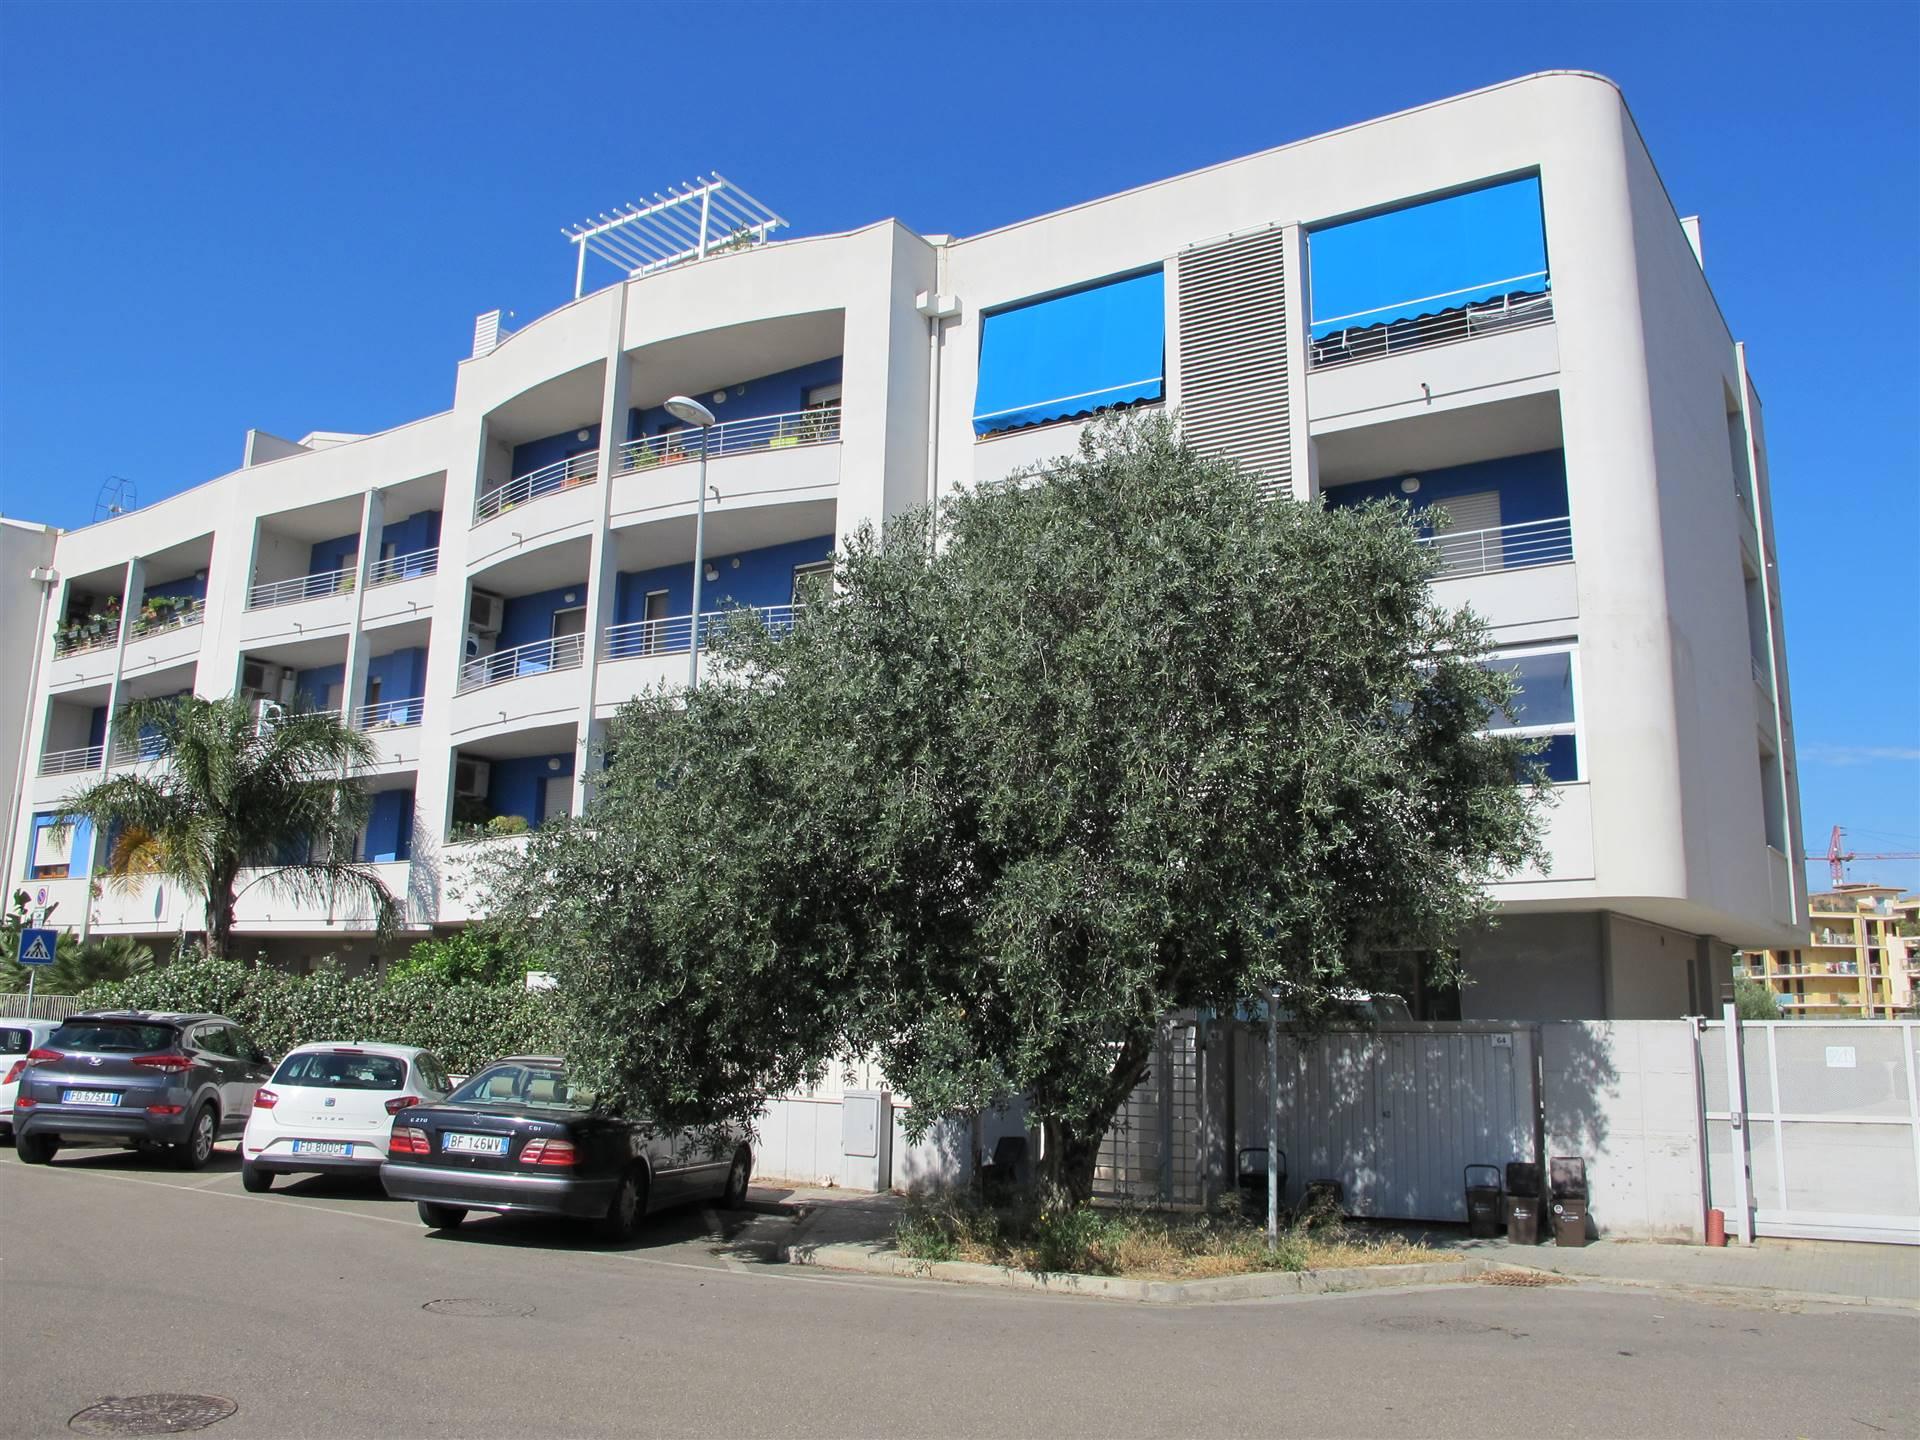 Appartamento in vendita a Elmas, 4 locali, prezzo € 155.000 | CambioCasa.it